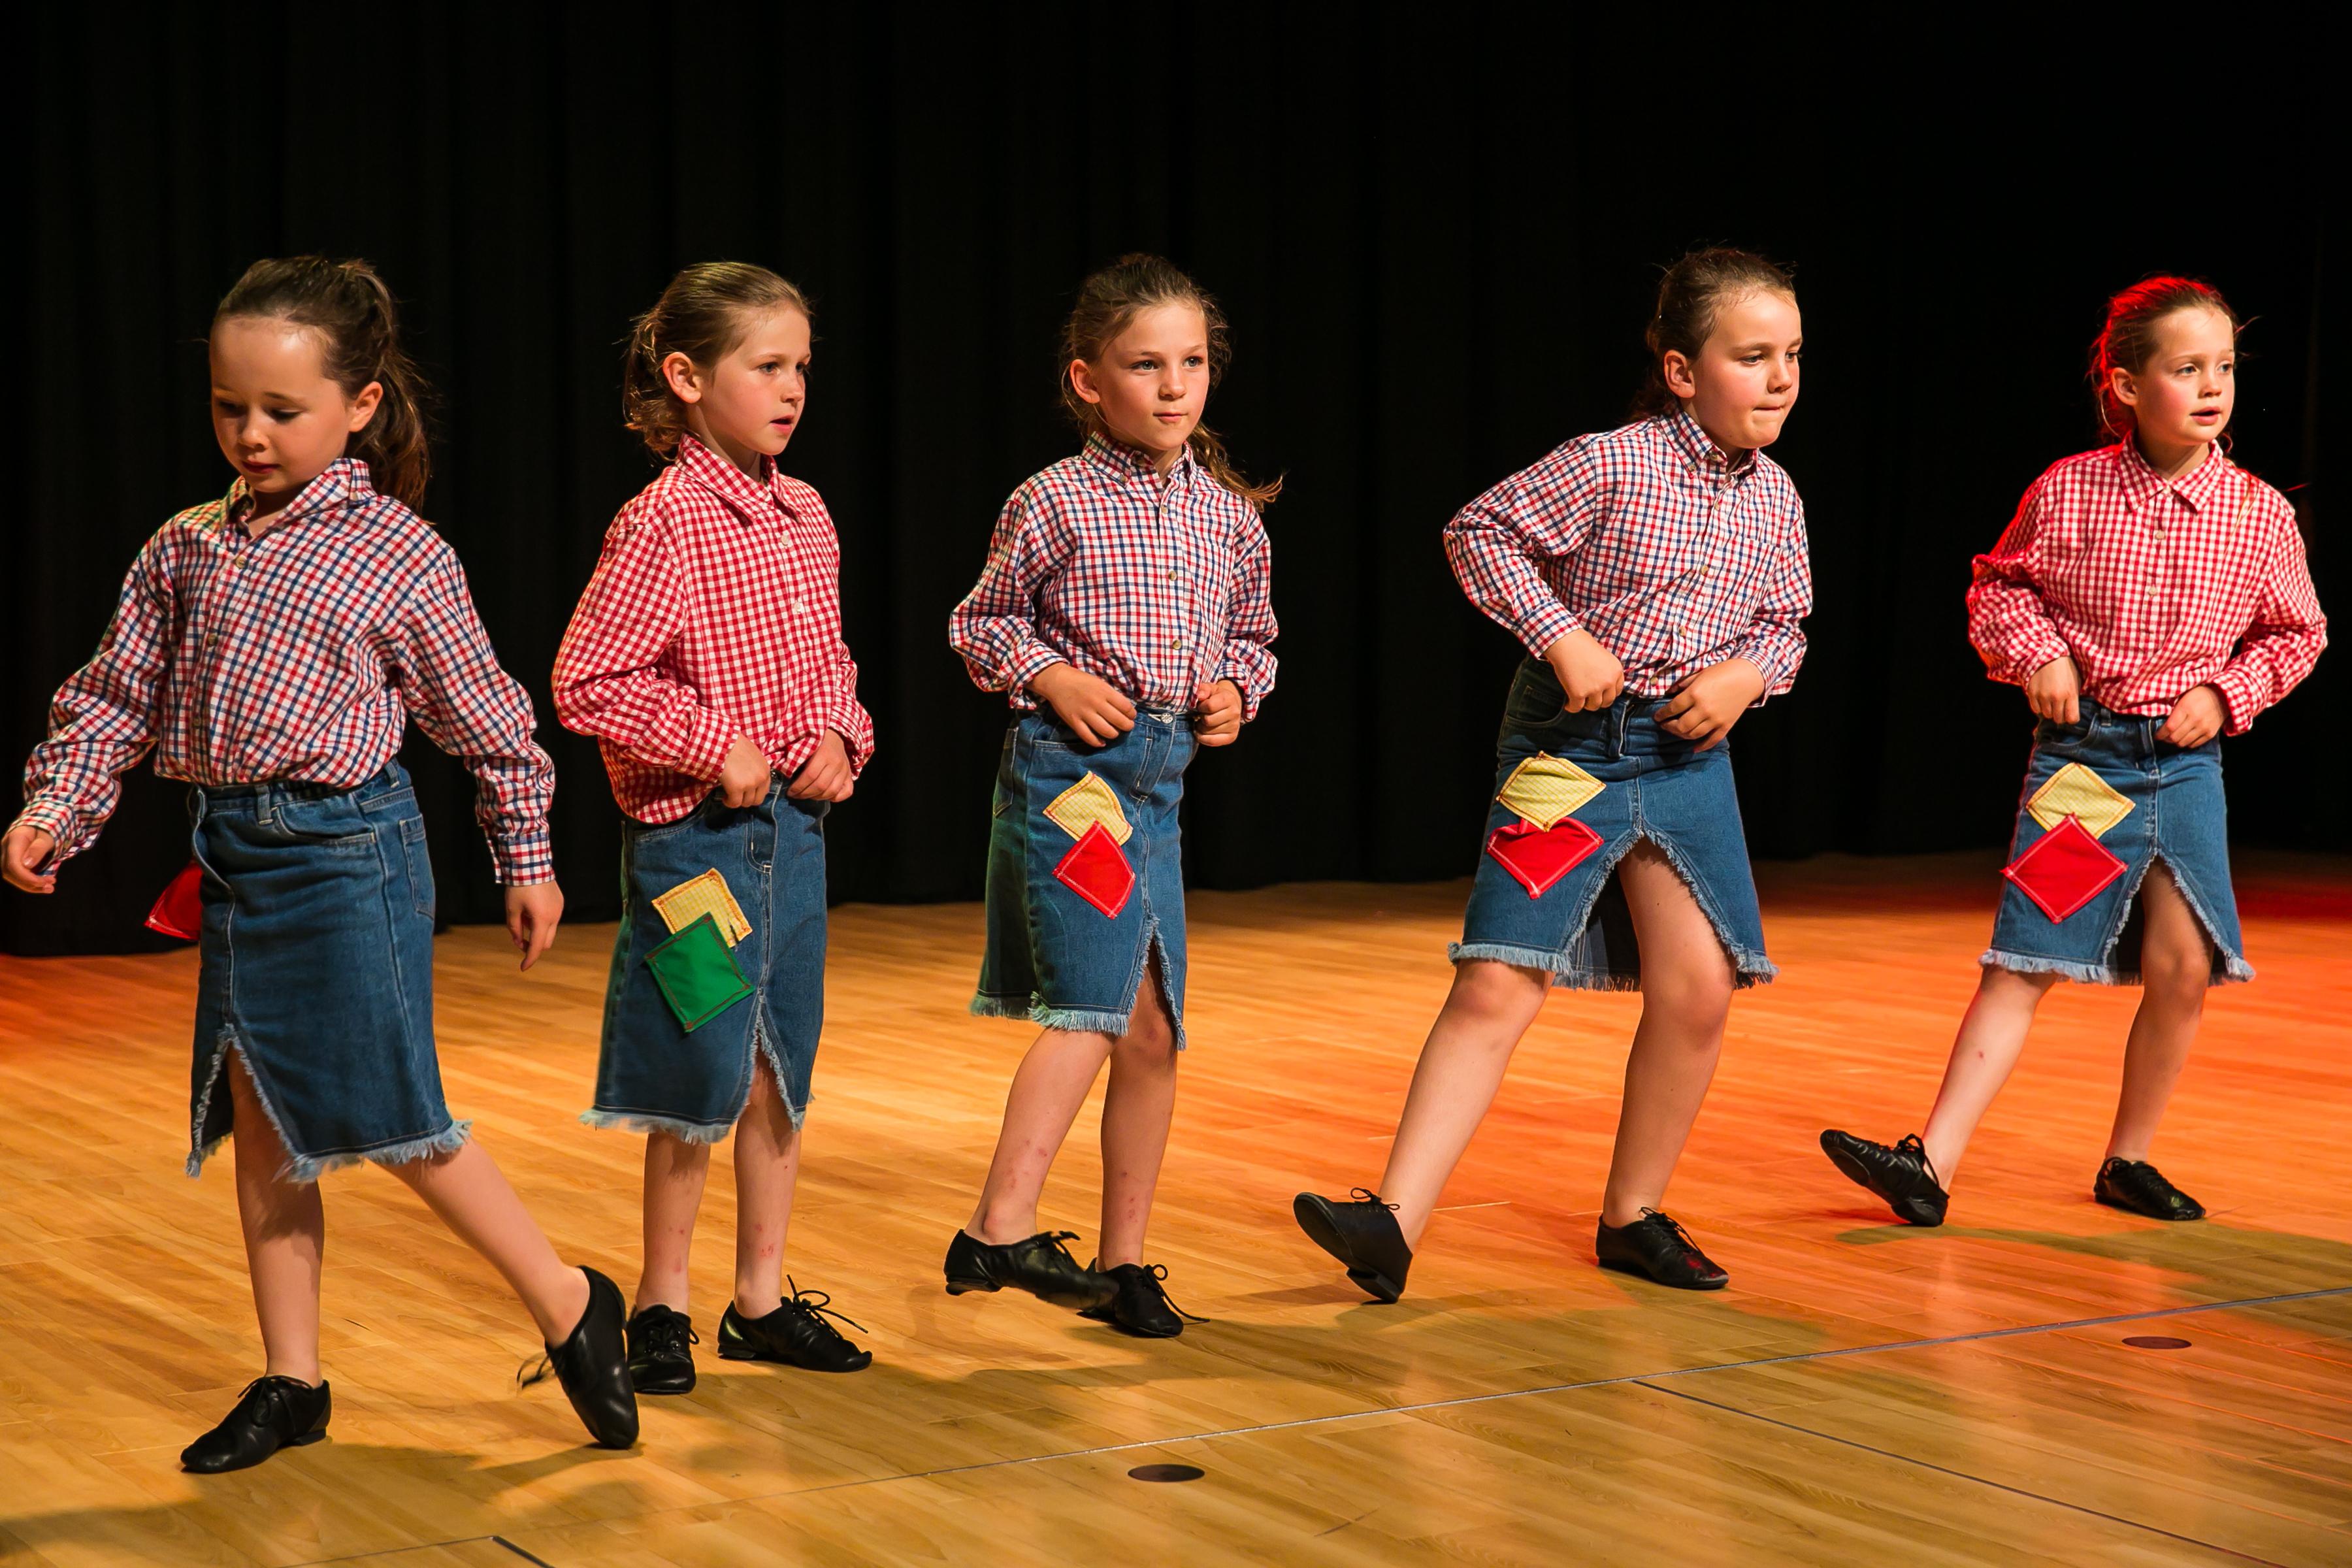 Dancing Through The Decades - Cotton Eye